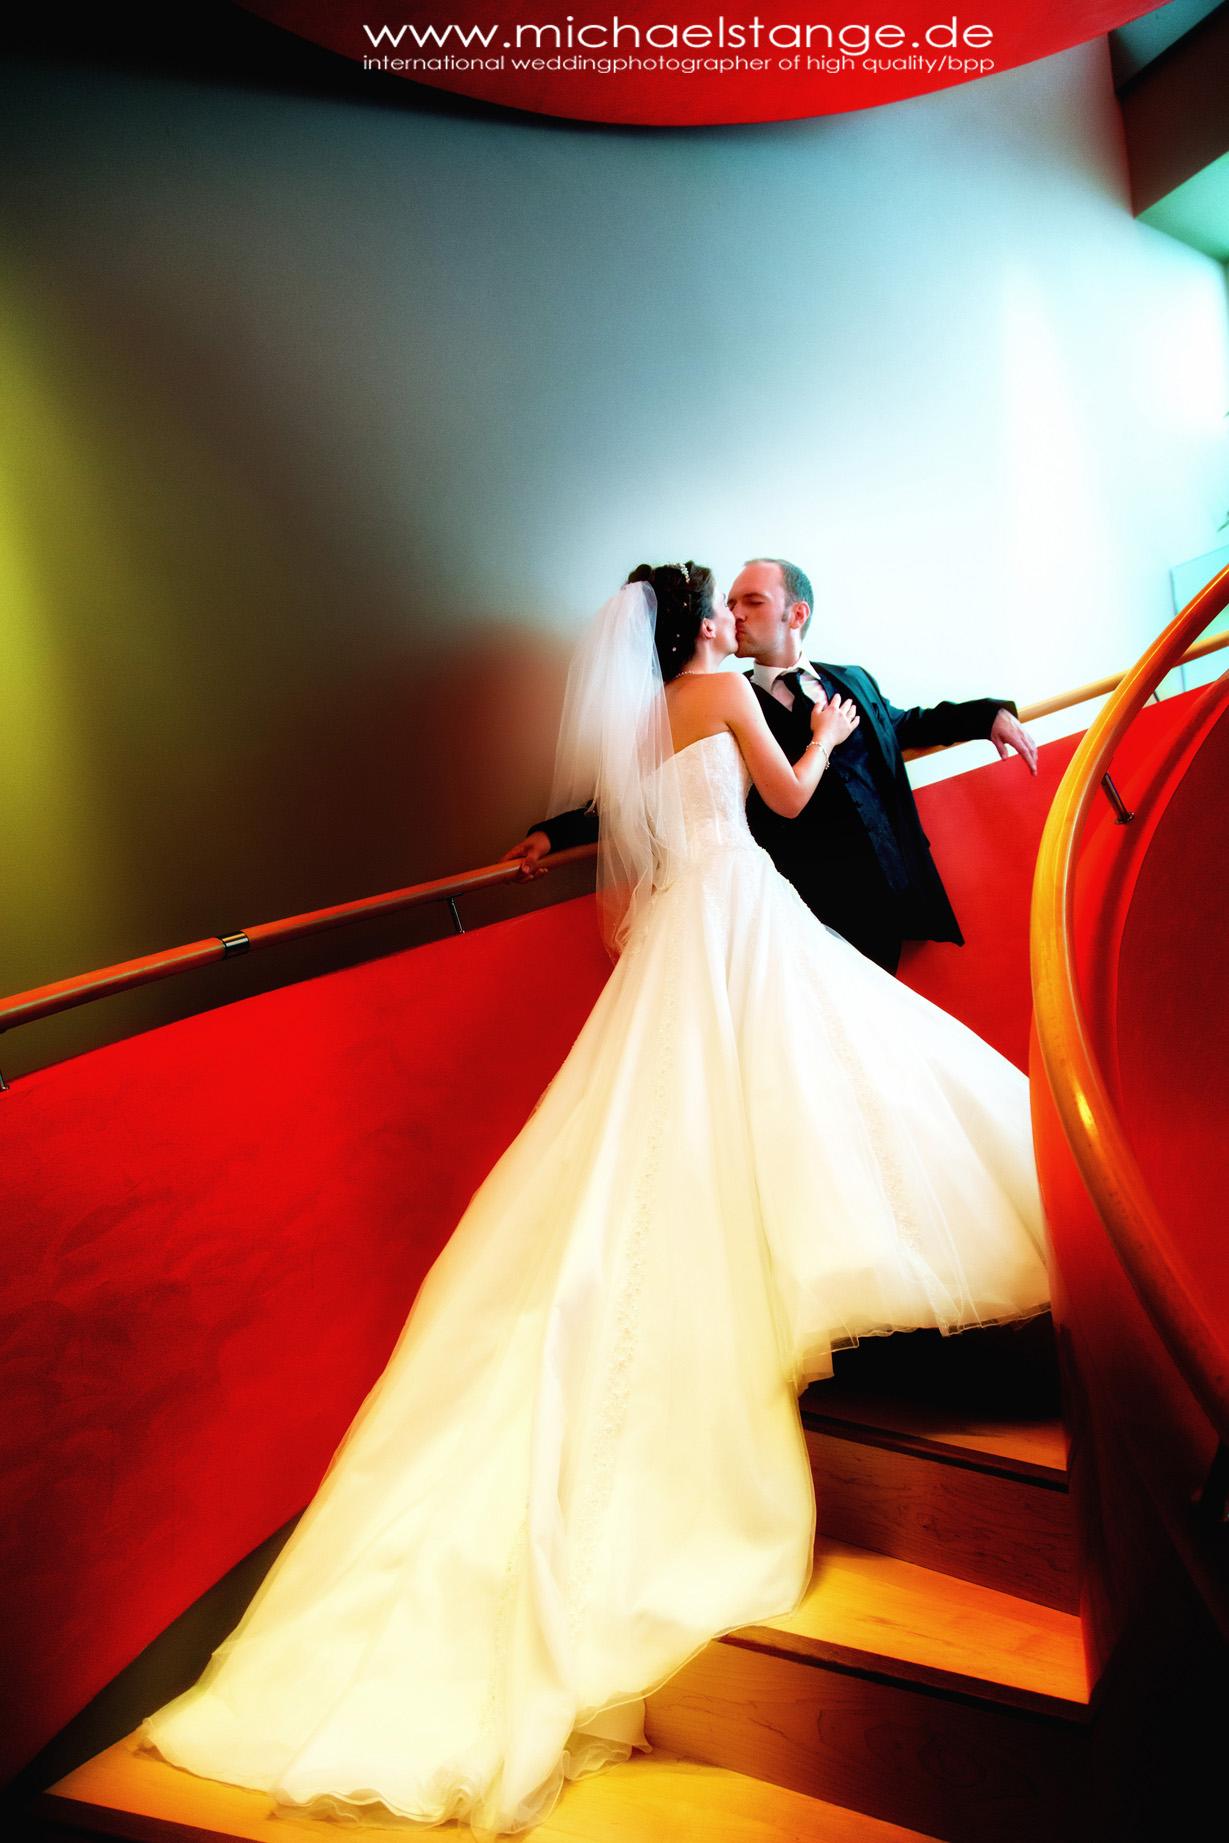 050glow Hochzeitsfotograf Michael Stange Baltrum Osnabrueck